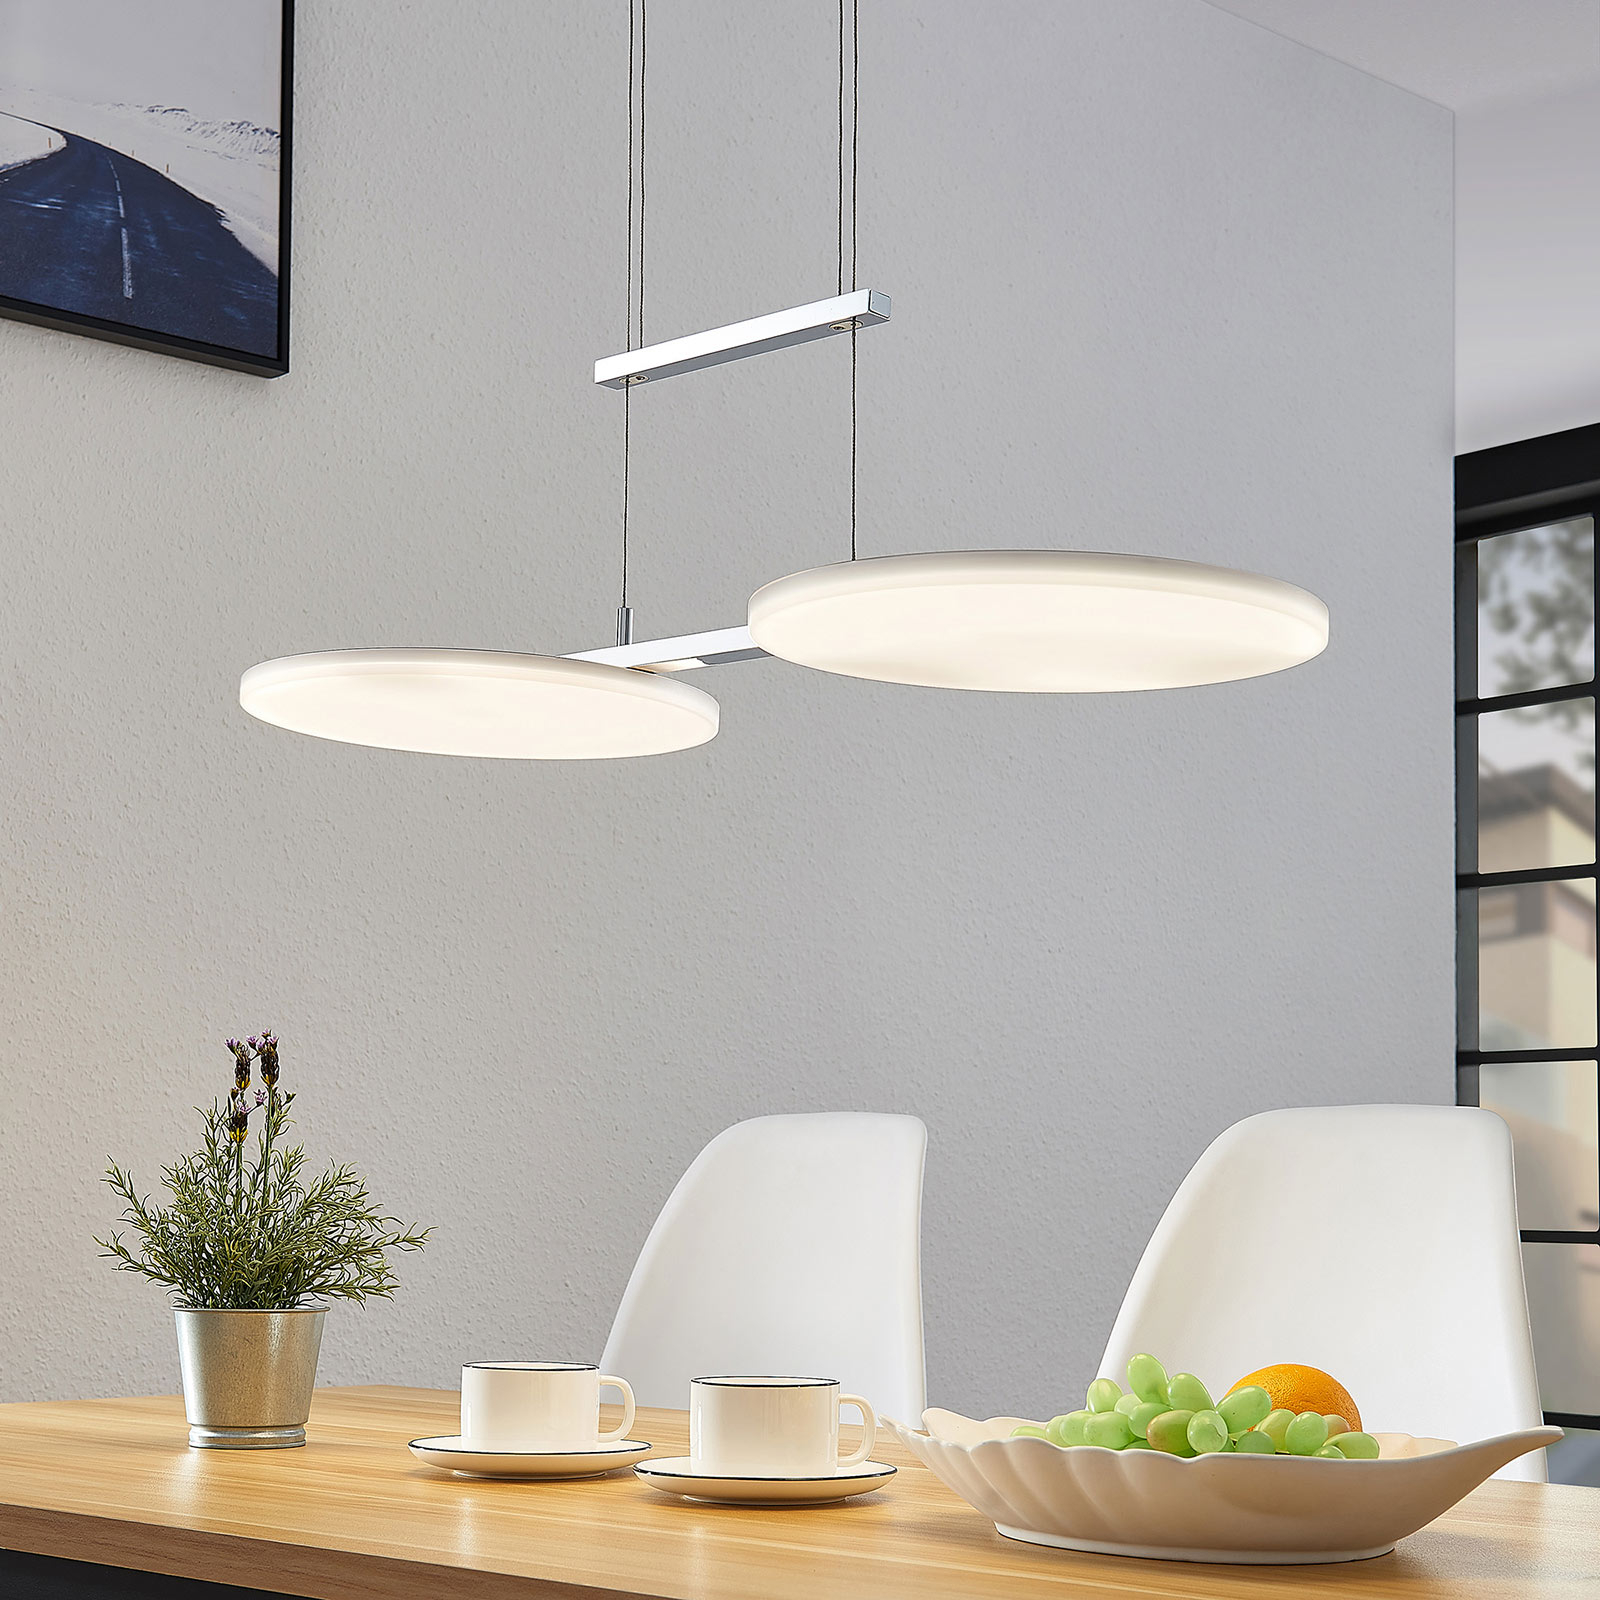 Lampa wisząca LED Sherko, regulowana, 2-punktowa